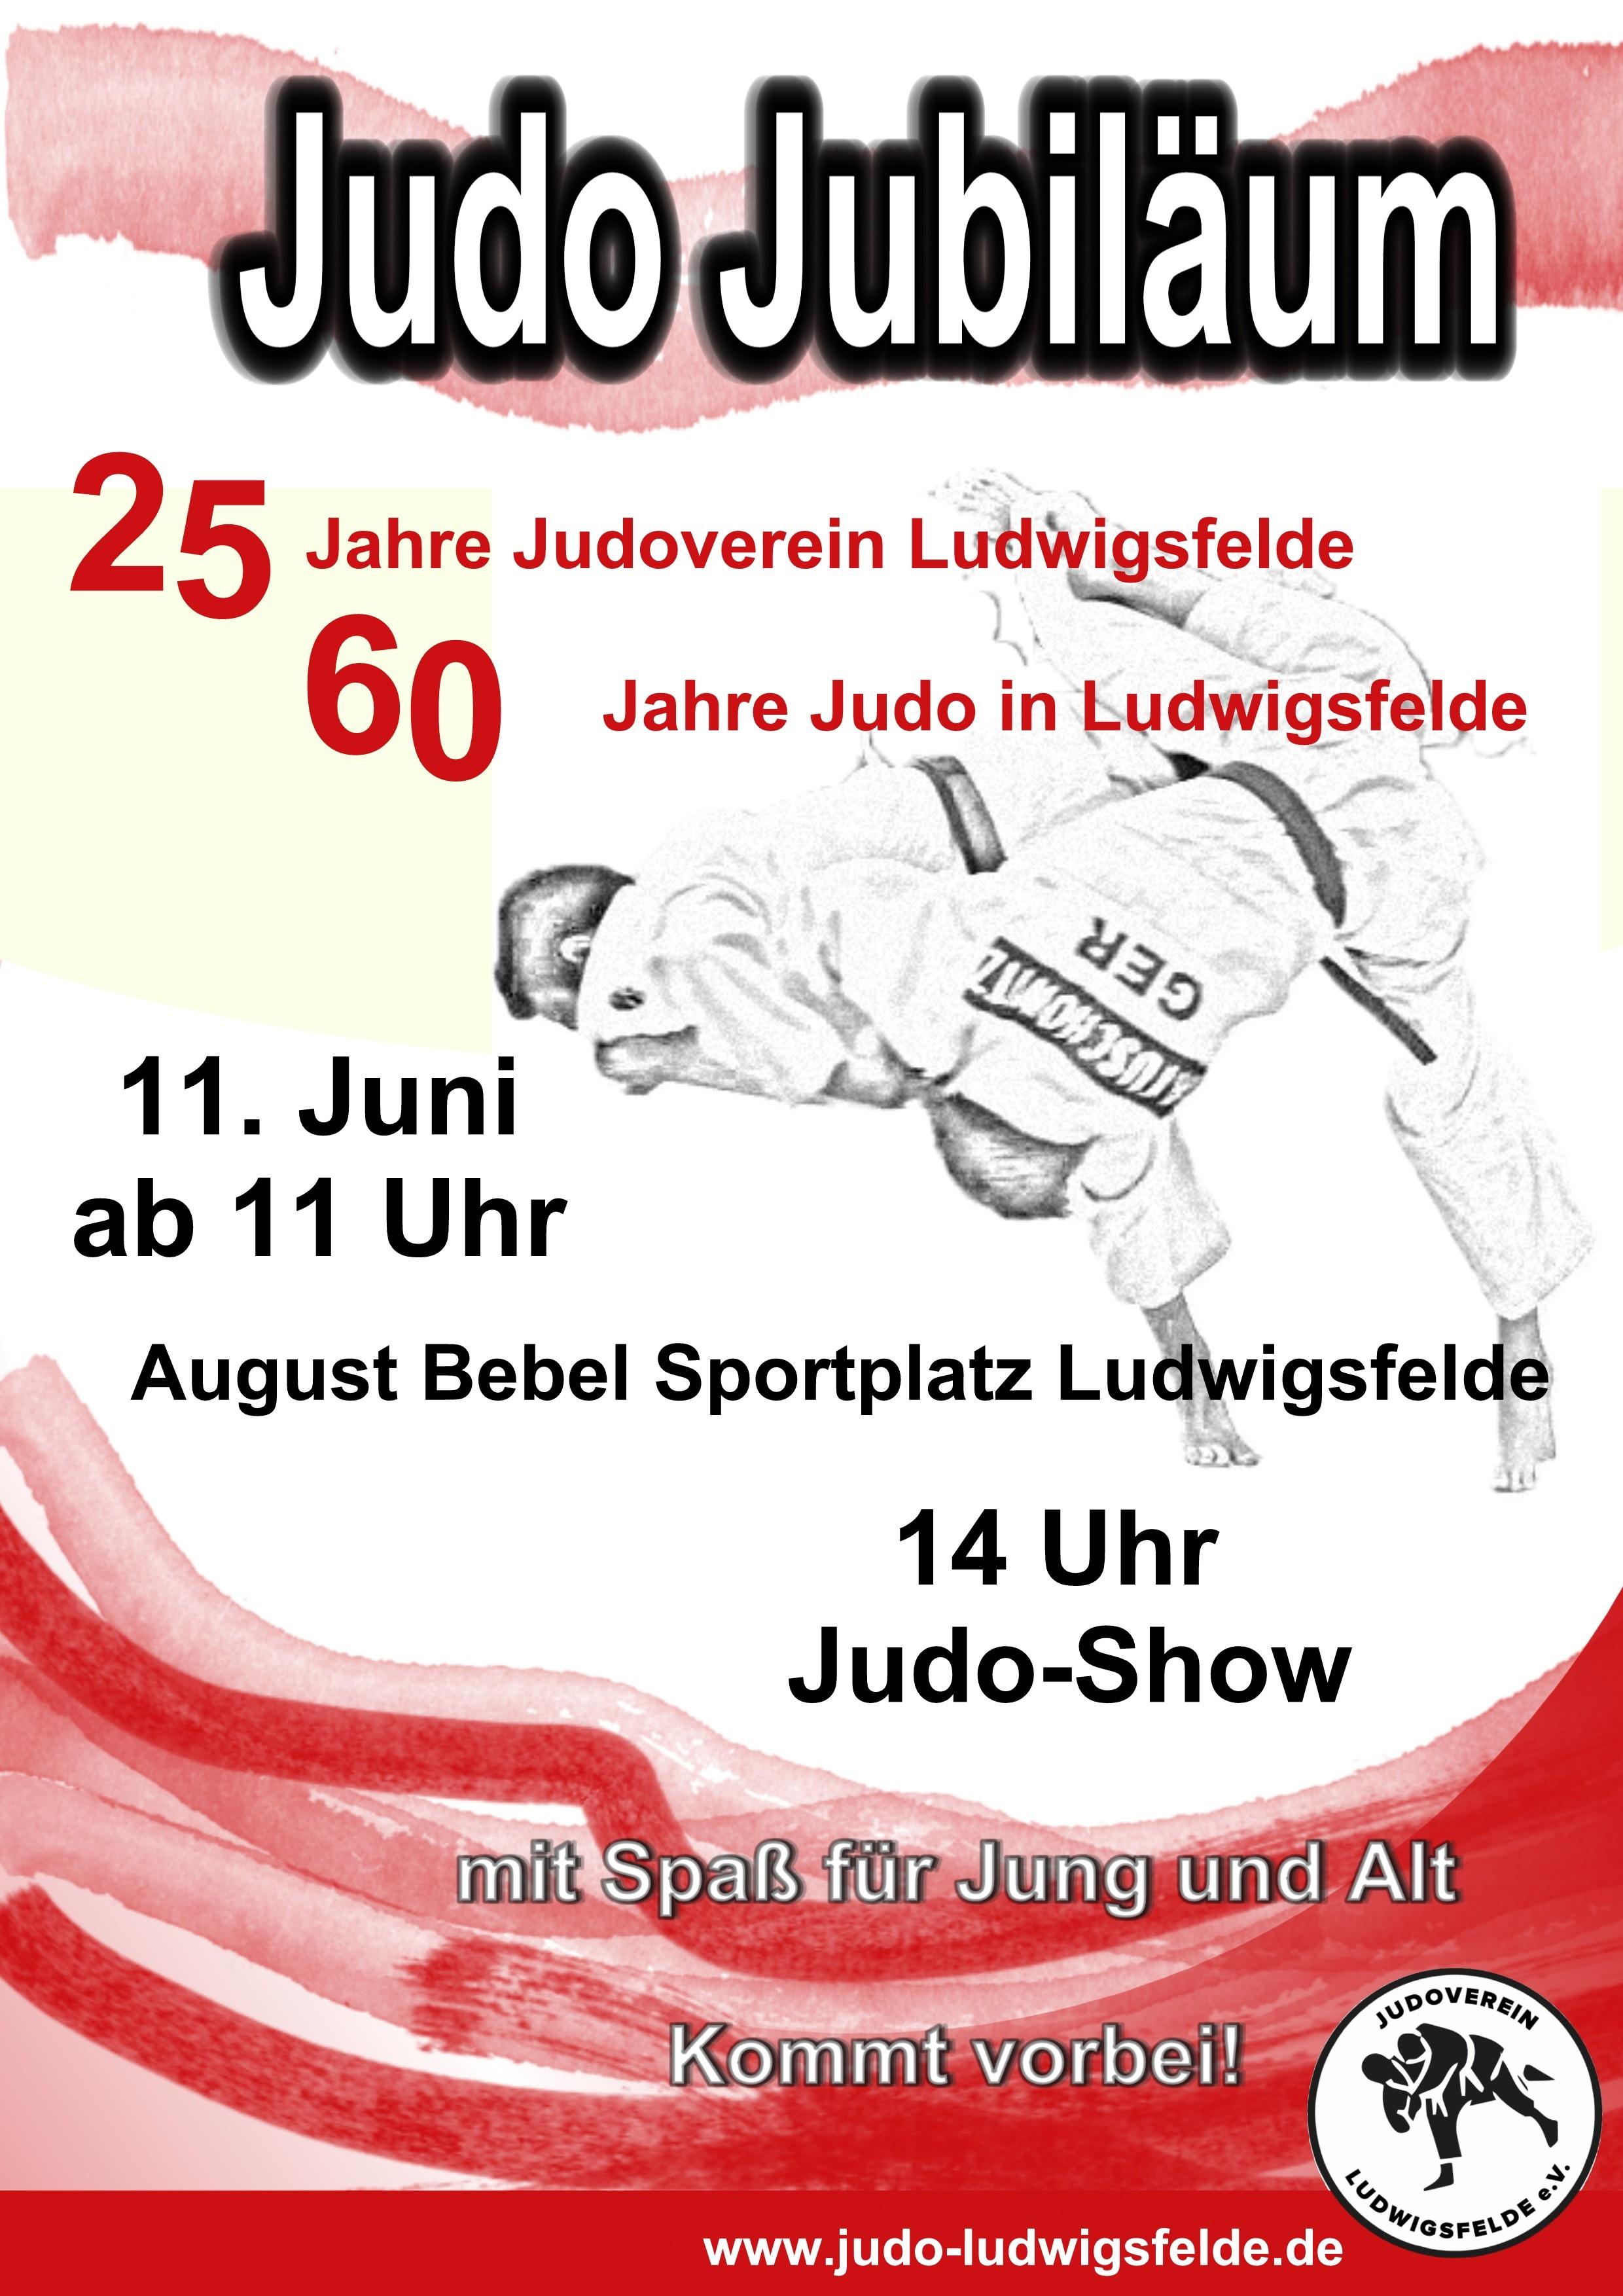 Judo Jubiläum